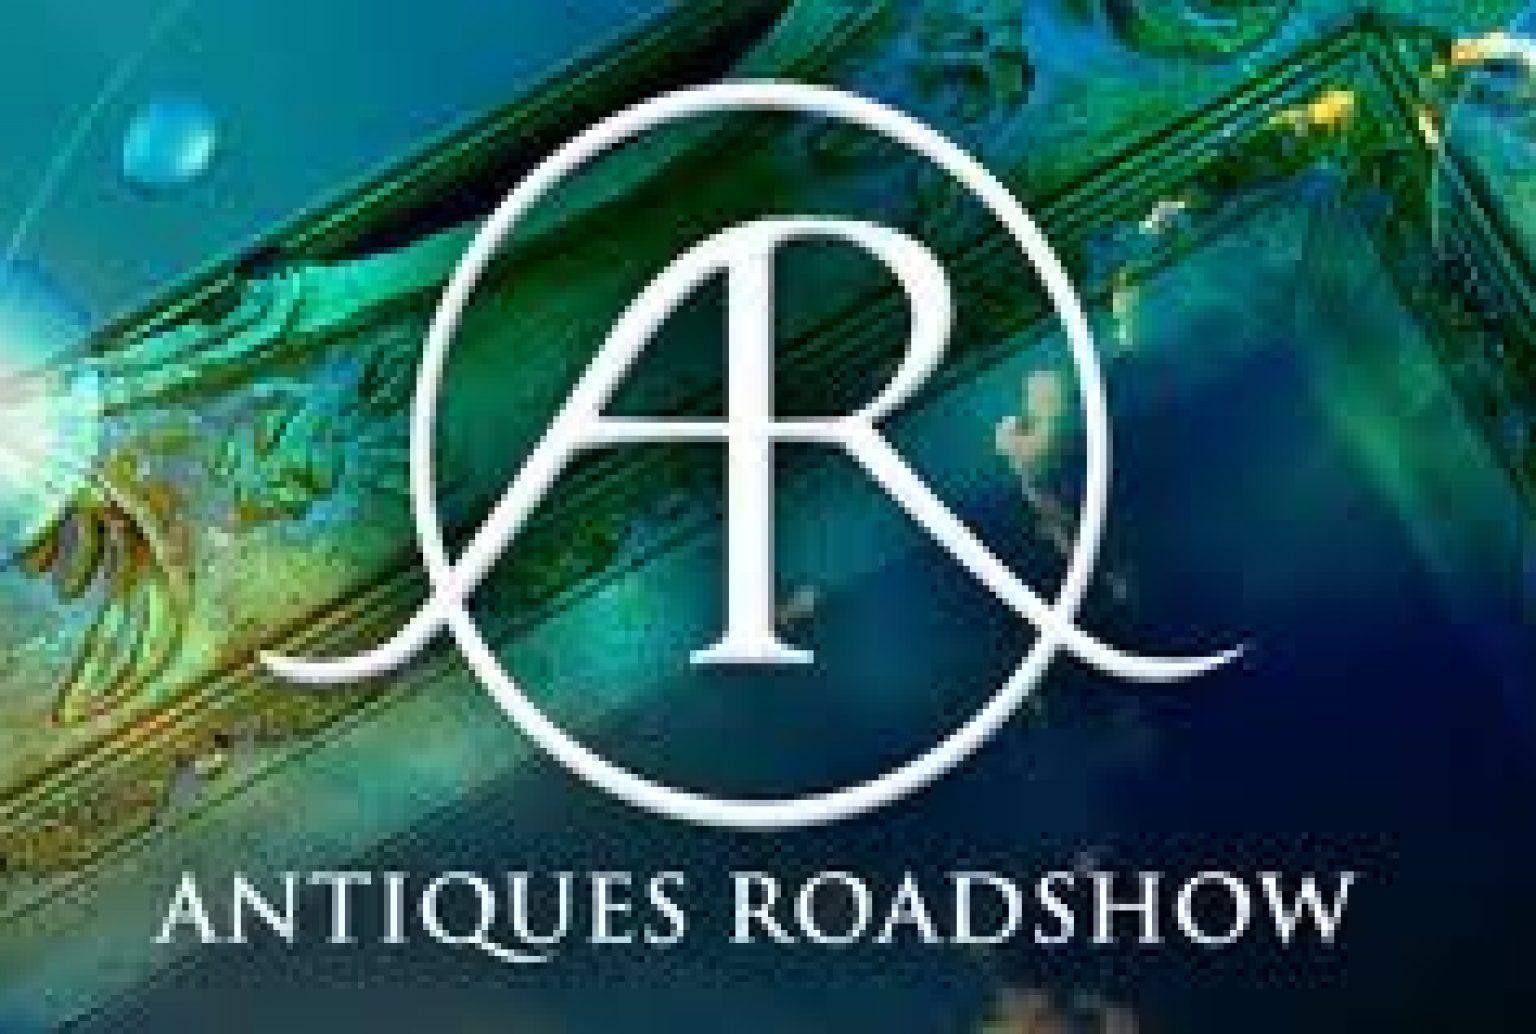 antiques roadshow images